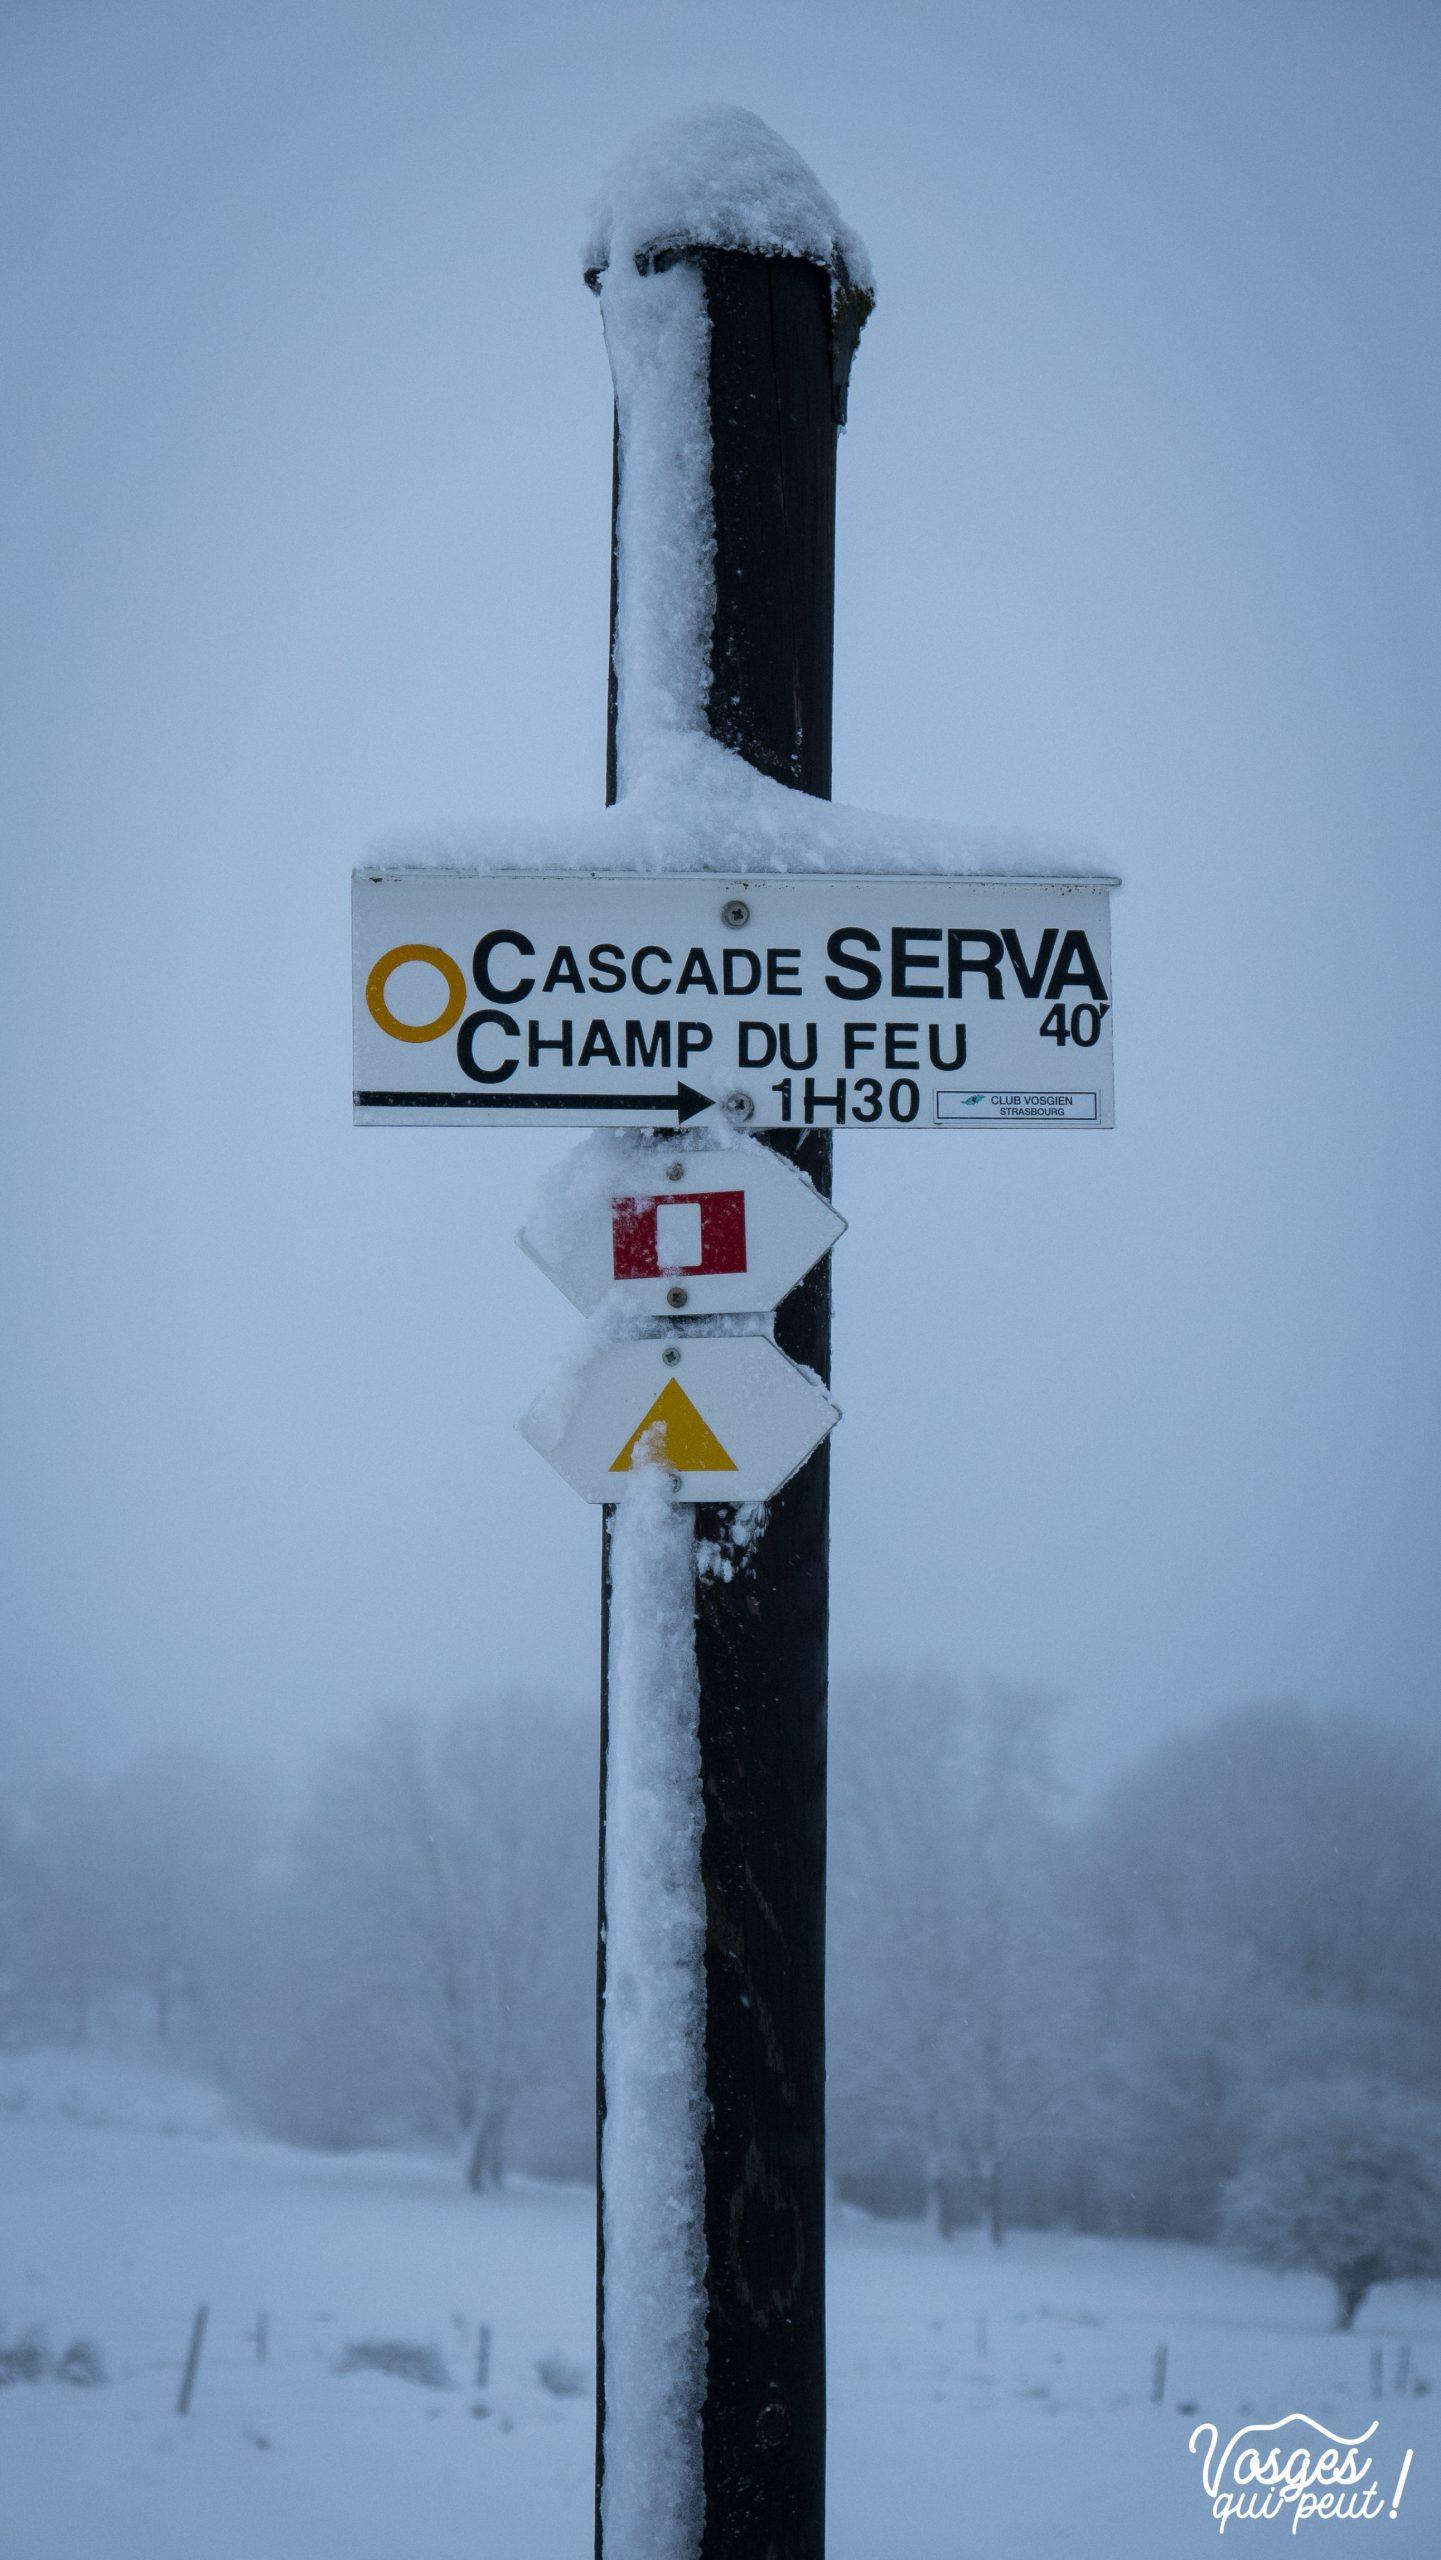 Panneau directionnel du Club Vosgien pendant une rando en raquettes dans les Vosges